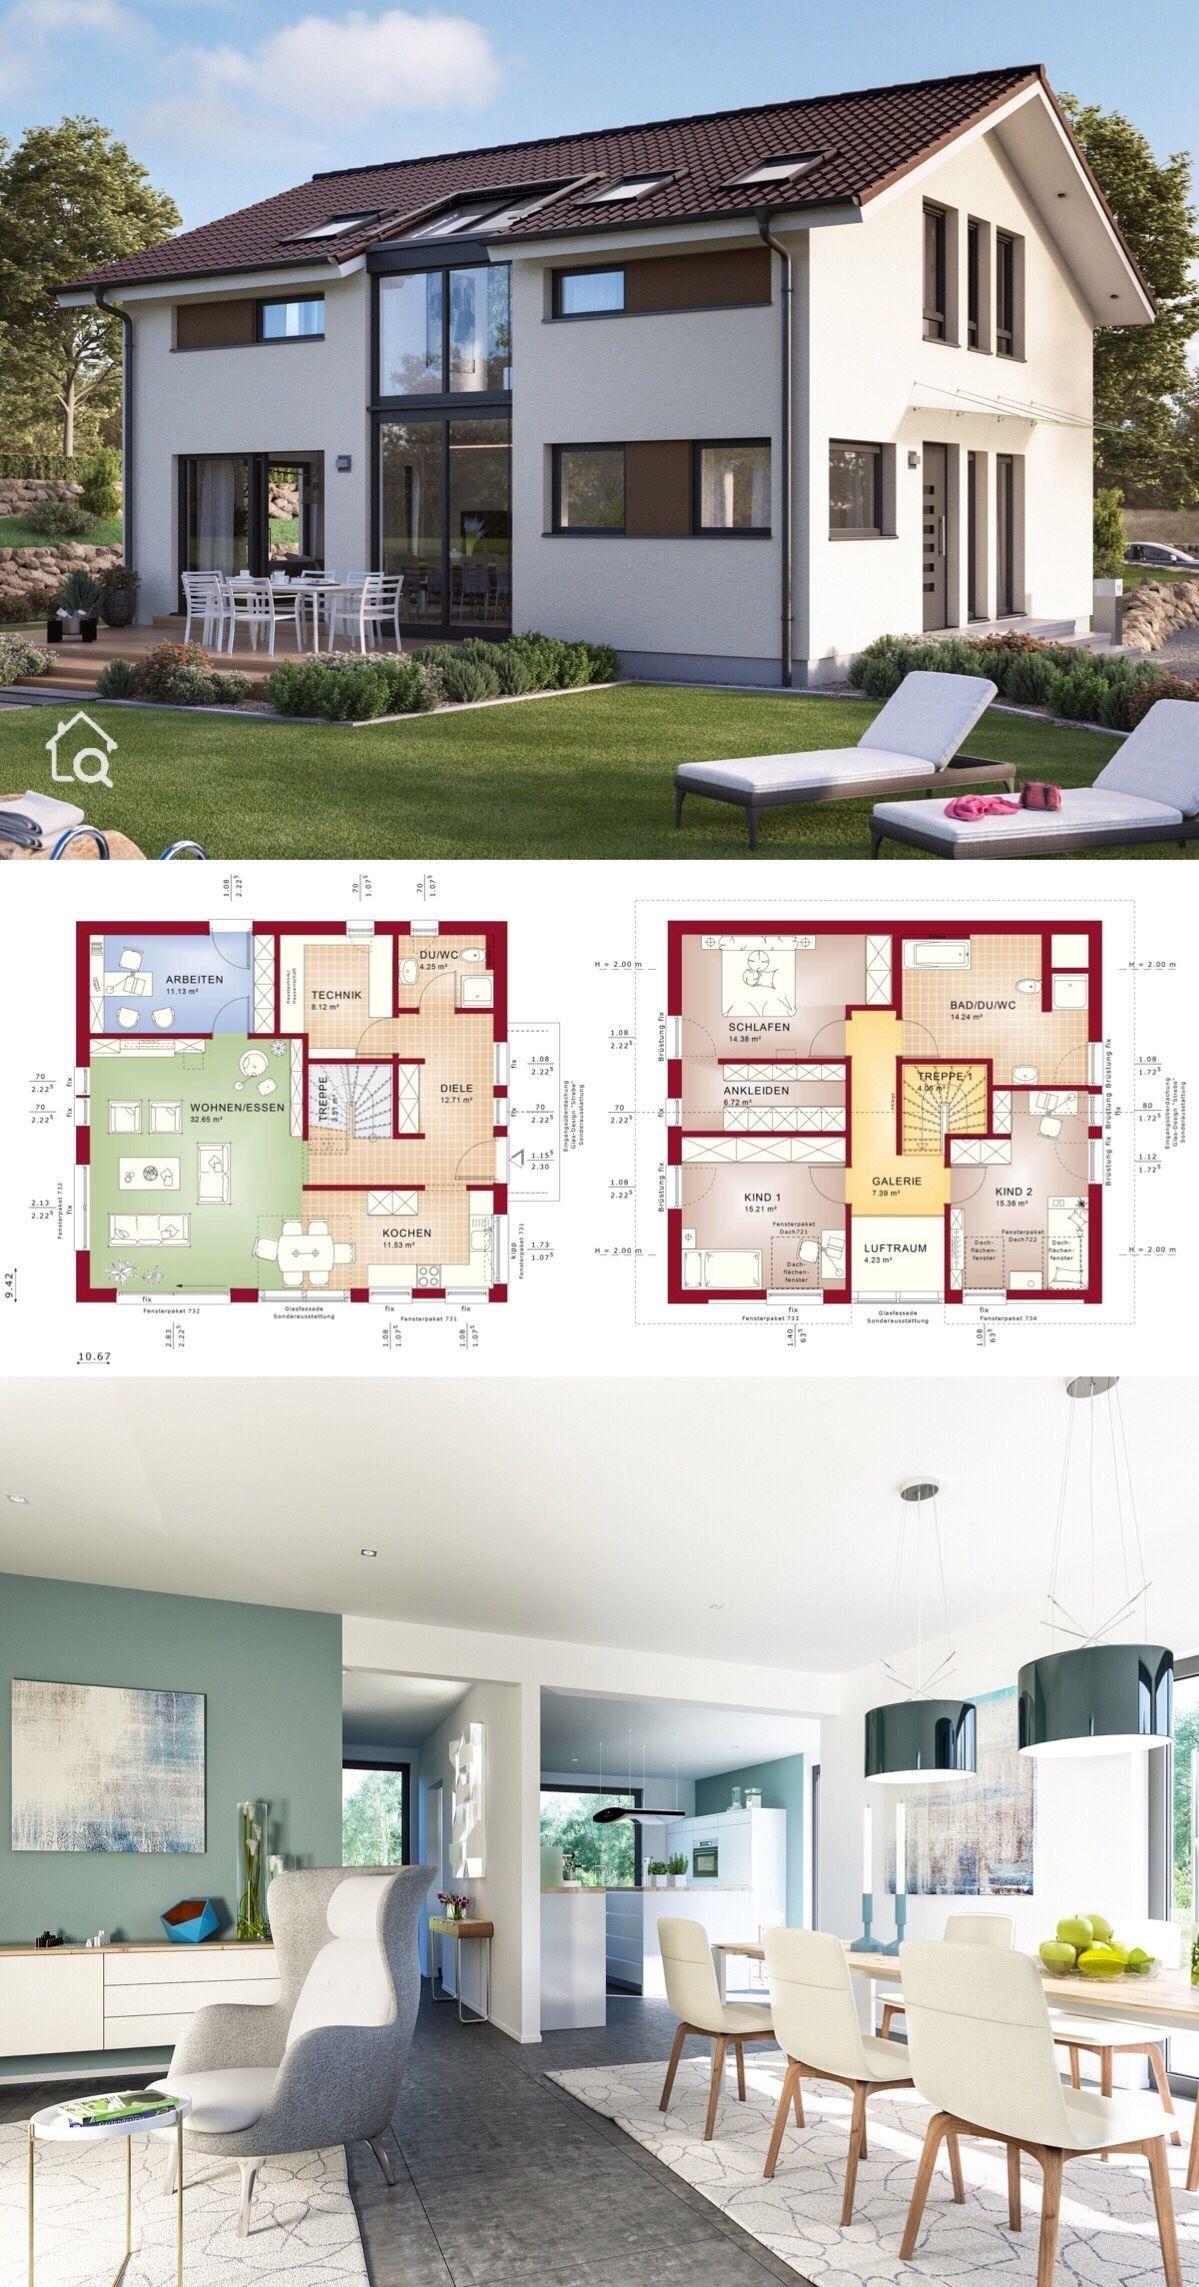 Modernes Fertighaus Mit Galerie Satteldach Architektur 5 Zimmer Grundriss Quadratisch 160 Qm Zwei Etagen Haus Moderne Hauser Bauen Architektur Haus Design